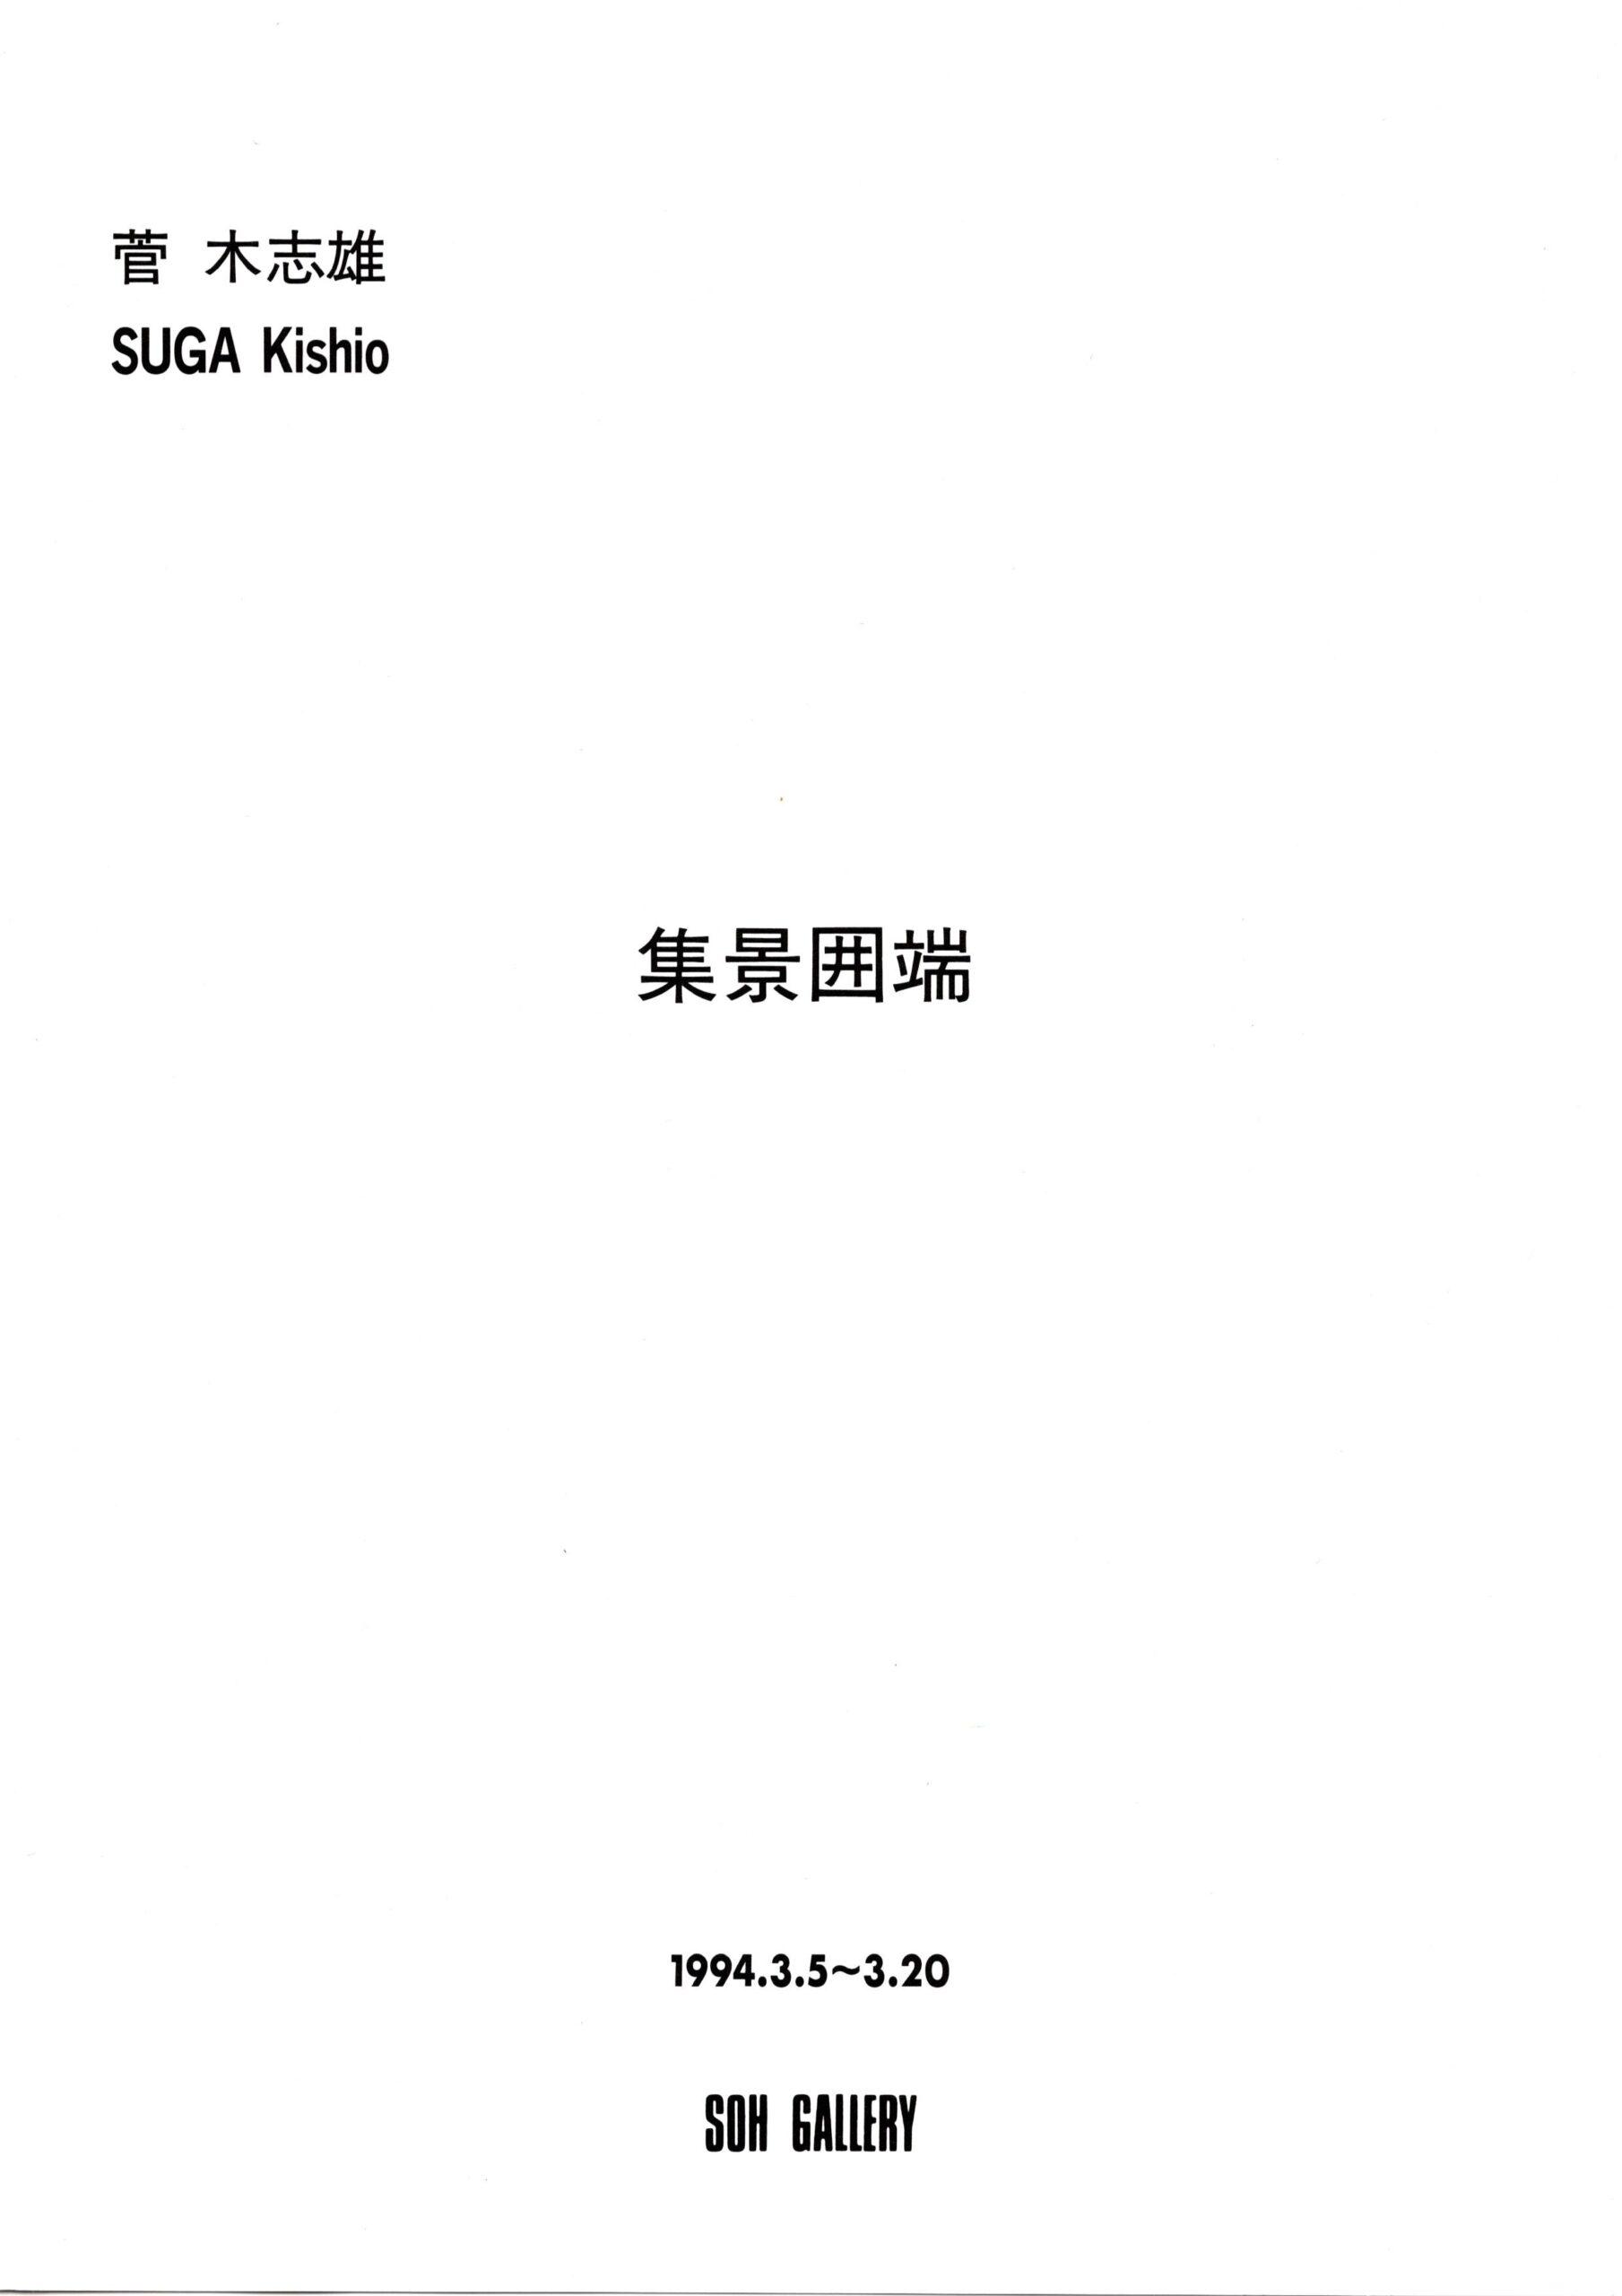 菅木志雄展 集景囲端